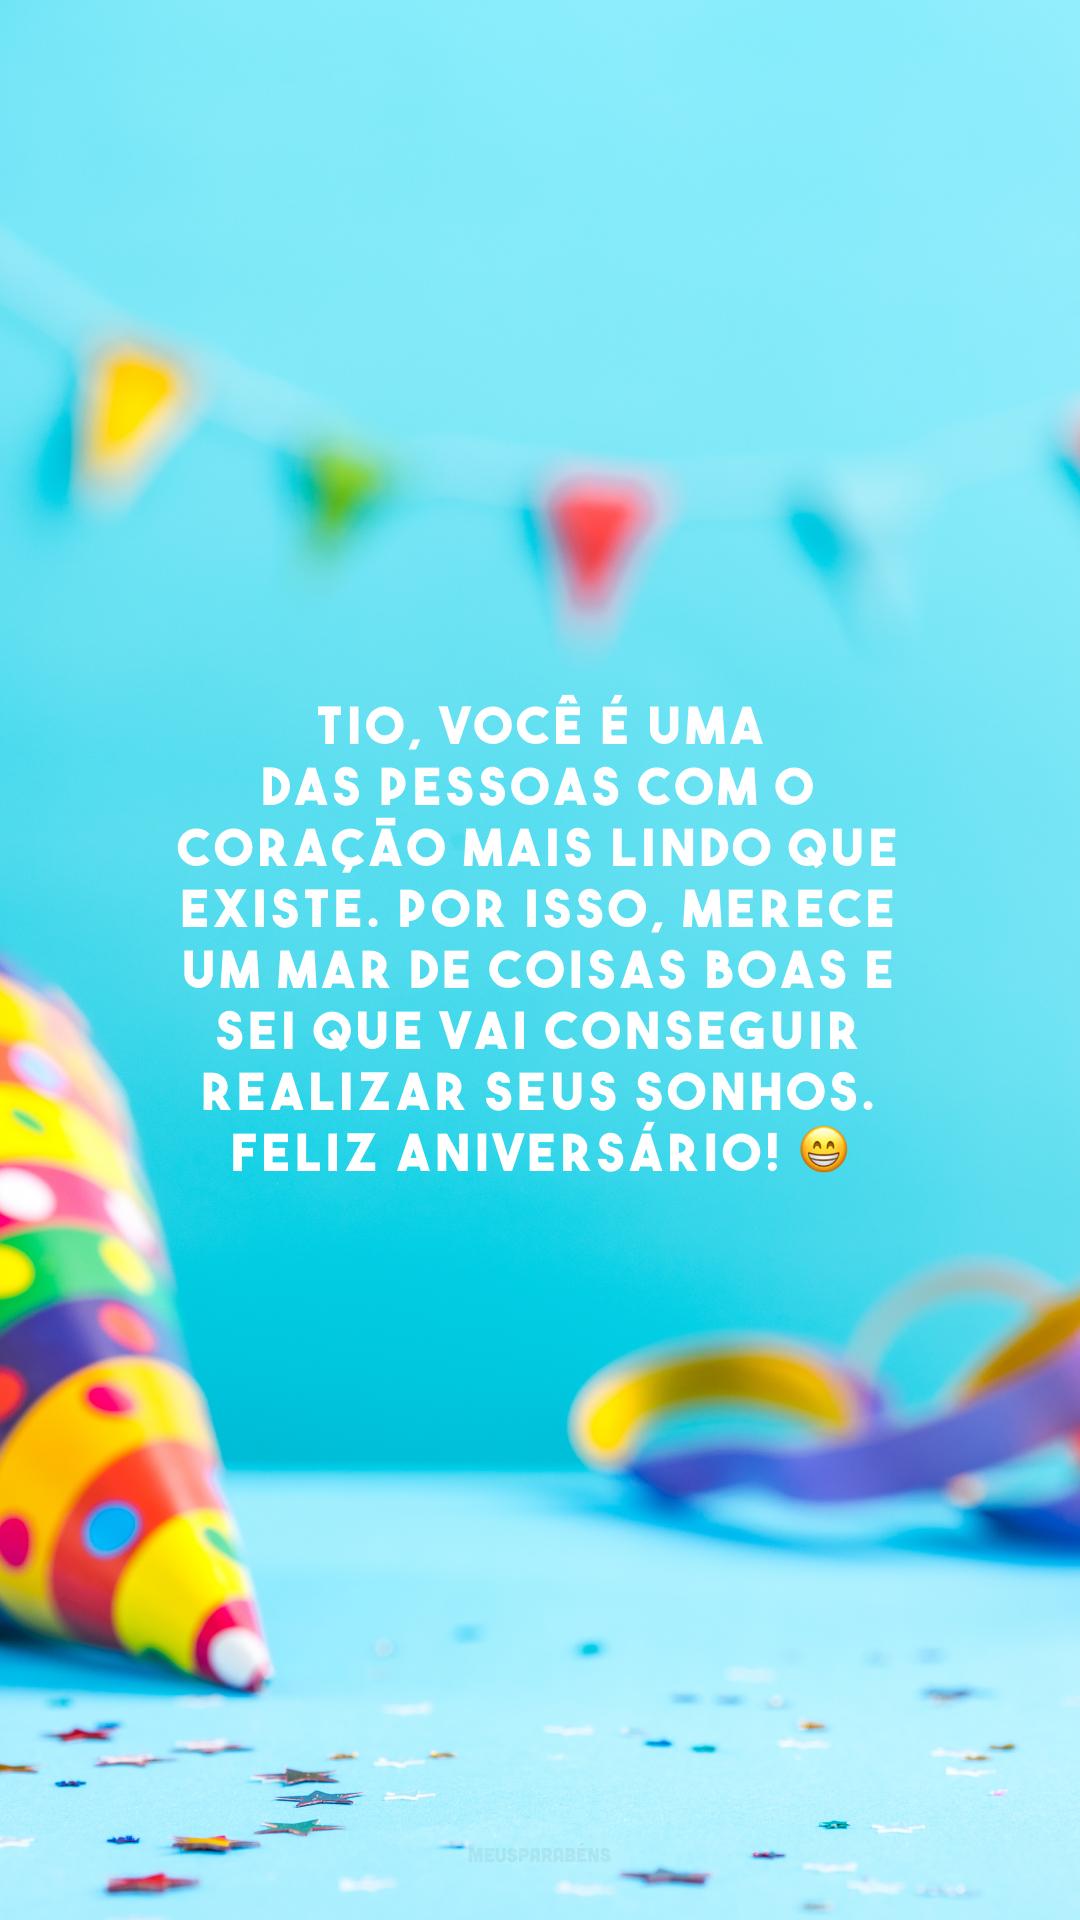 Tio, você é uma das pessoas com o coração mais lindo que existe. Por isso, merece um mar de coisas boas e sei que vai conseguir realizar seus sonhos. Feliz aniversário! 😁